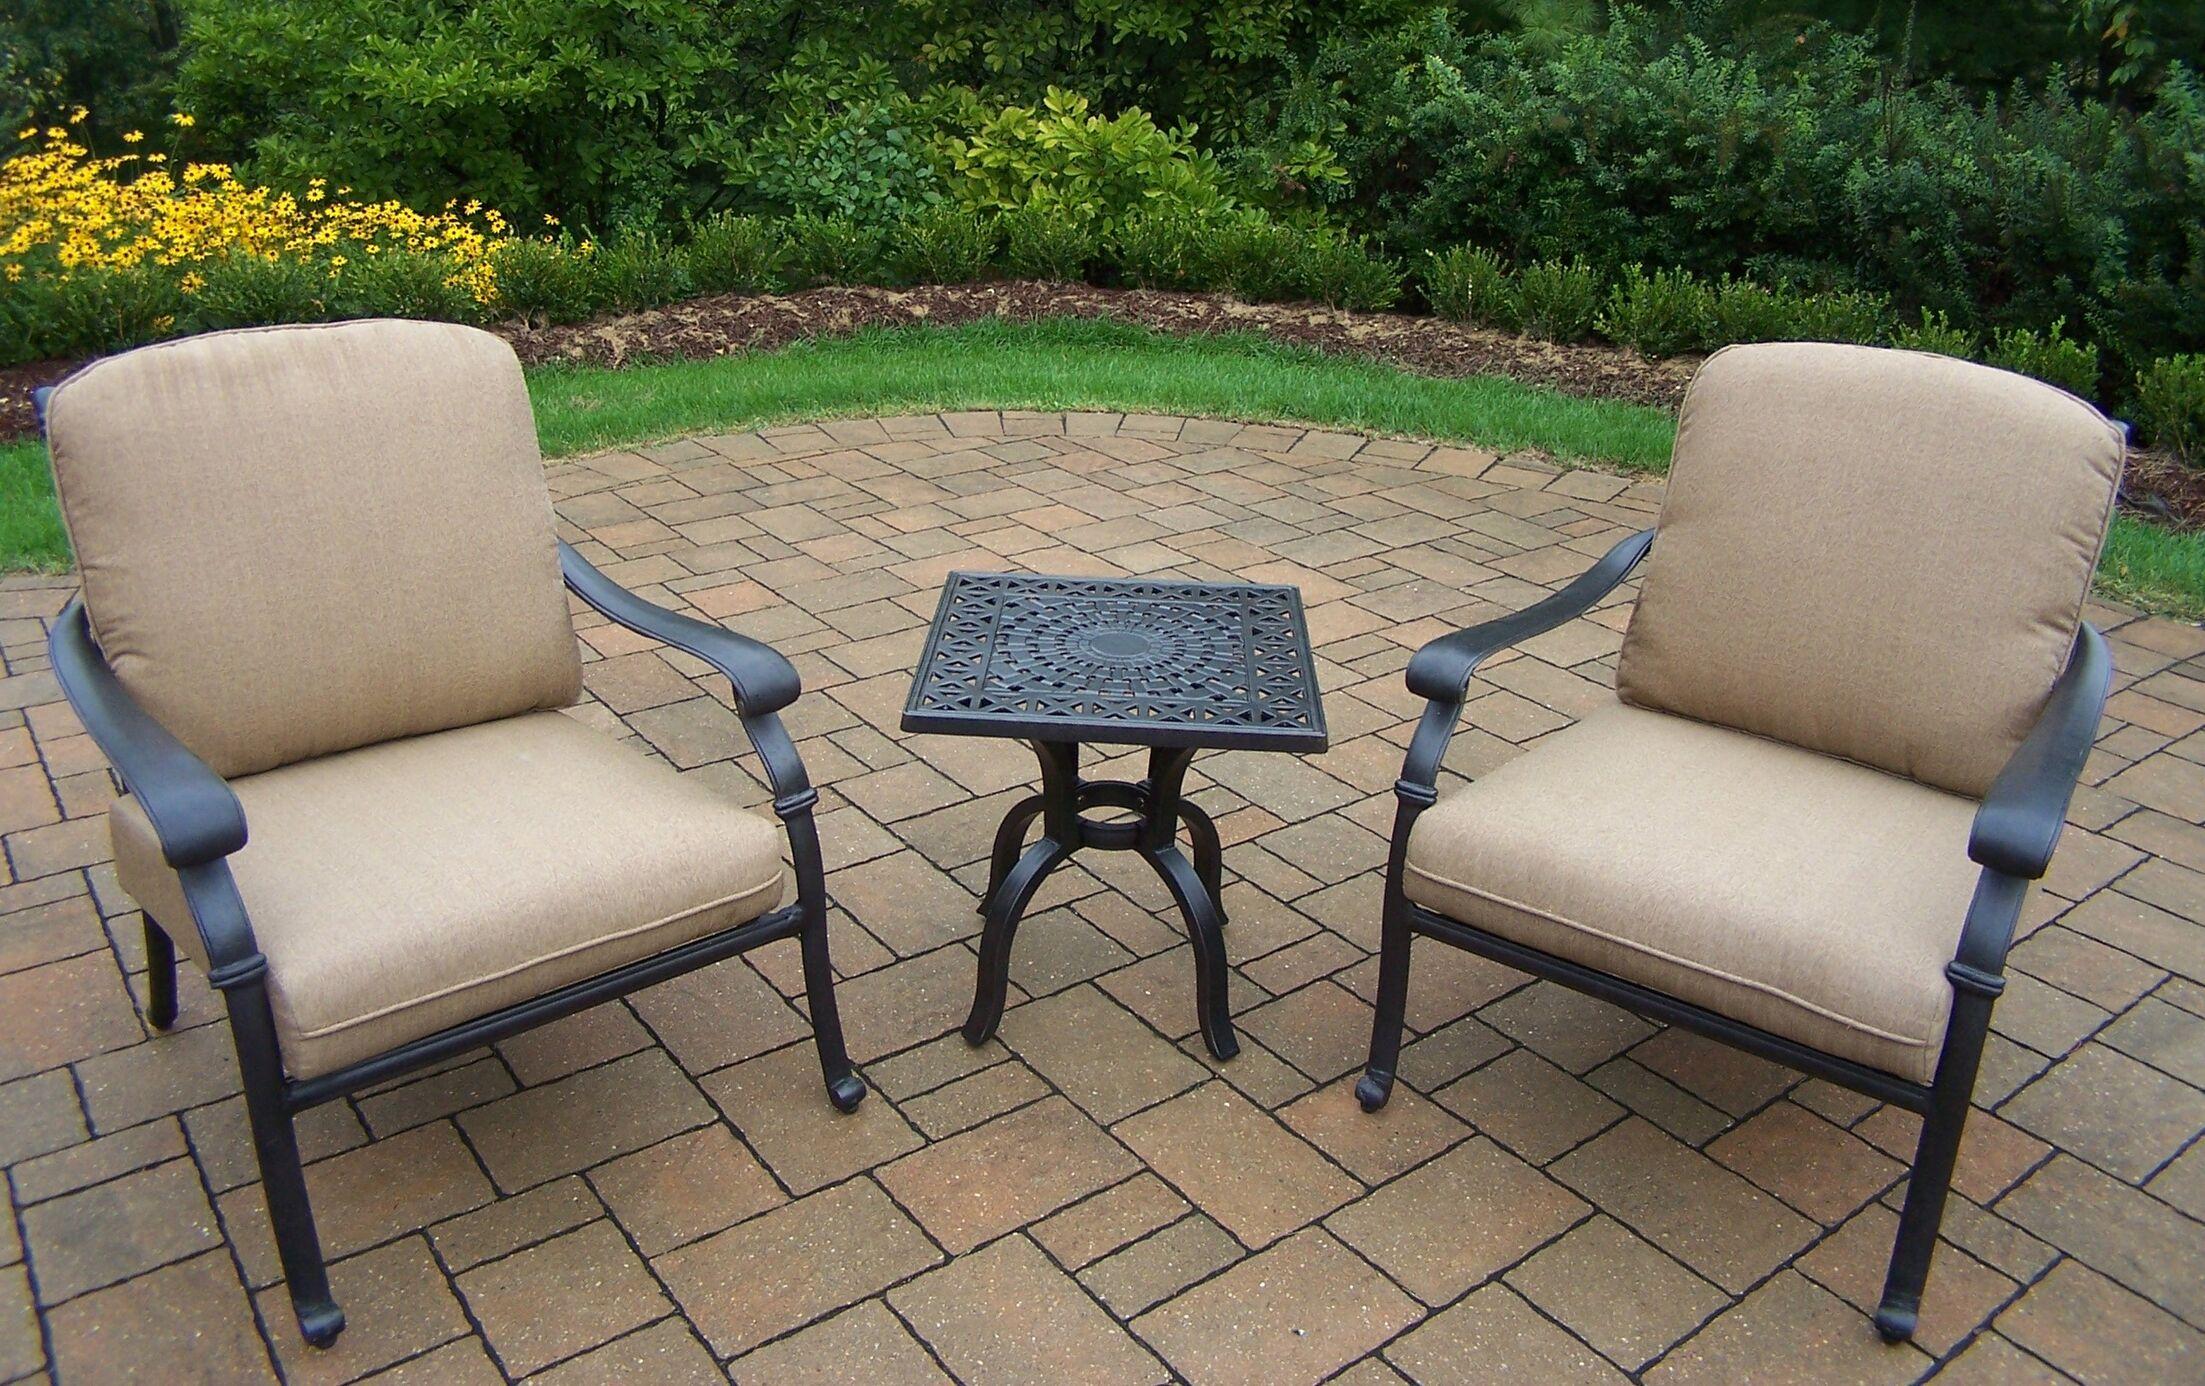 Bosch 3 Piece Sunbrella Conversation Set Cushion Fabric: Spunpolyester Light Beige